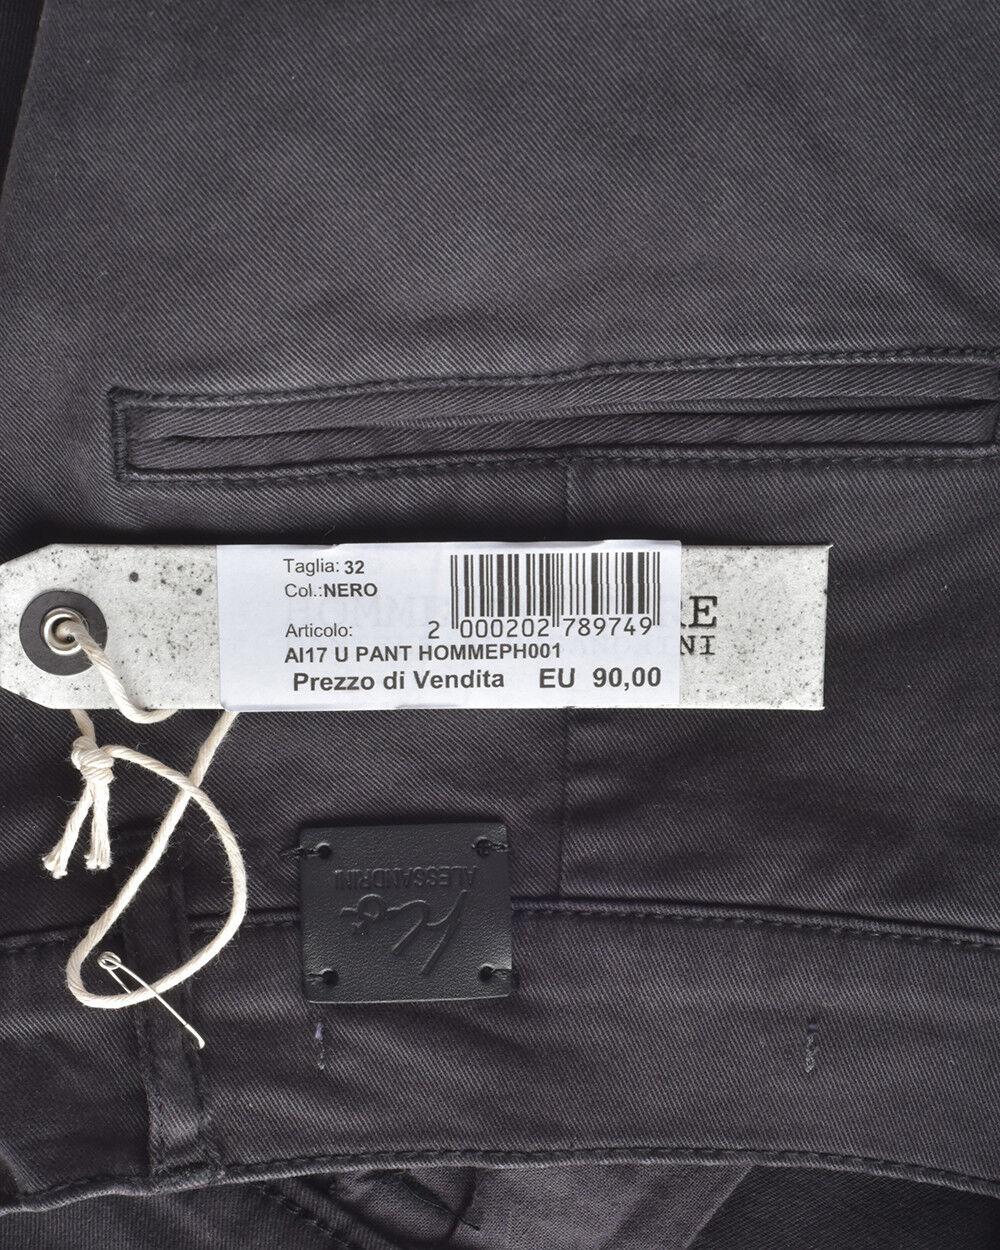 Jeans Daniele Alessandrini Jeans Cotone Cotone Cotone Uomo Nero PH0013707 1 857aef